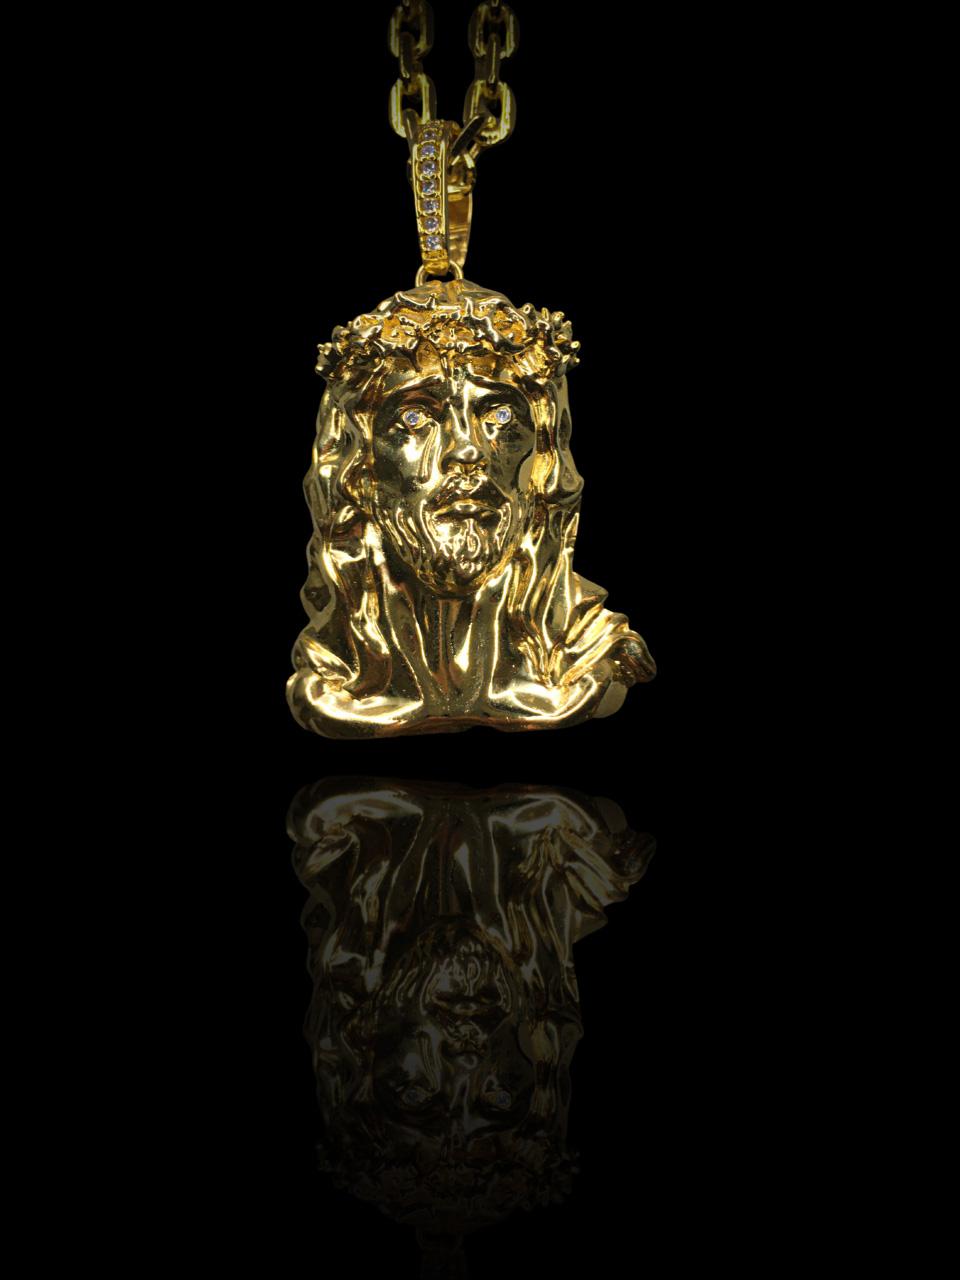 Pingente face de Jesus Cristo 3D - pedras cravejadas nos olhos  banhado a ouro 18k